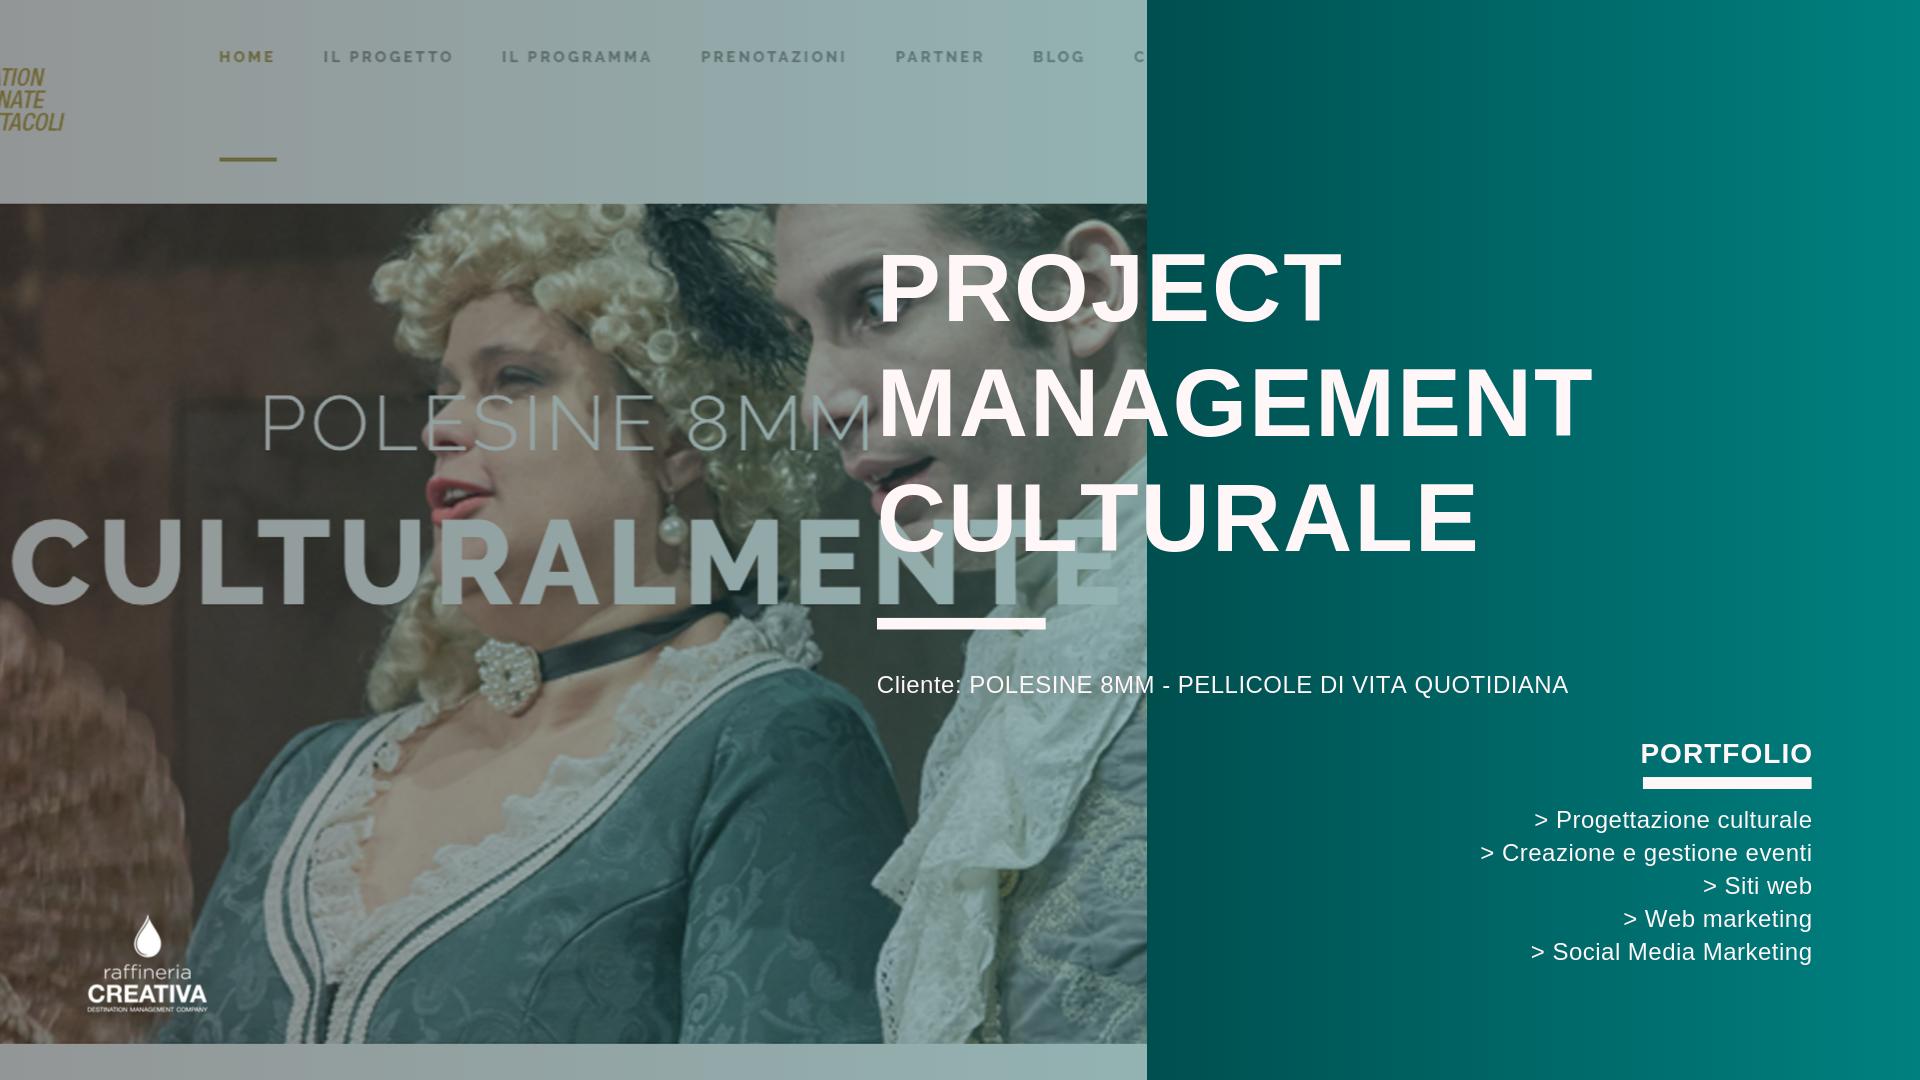 polesine 8 mm - project management culturale